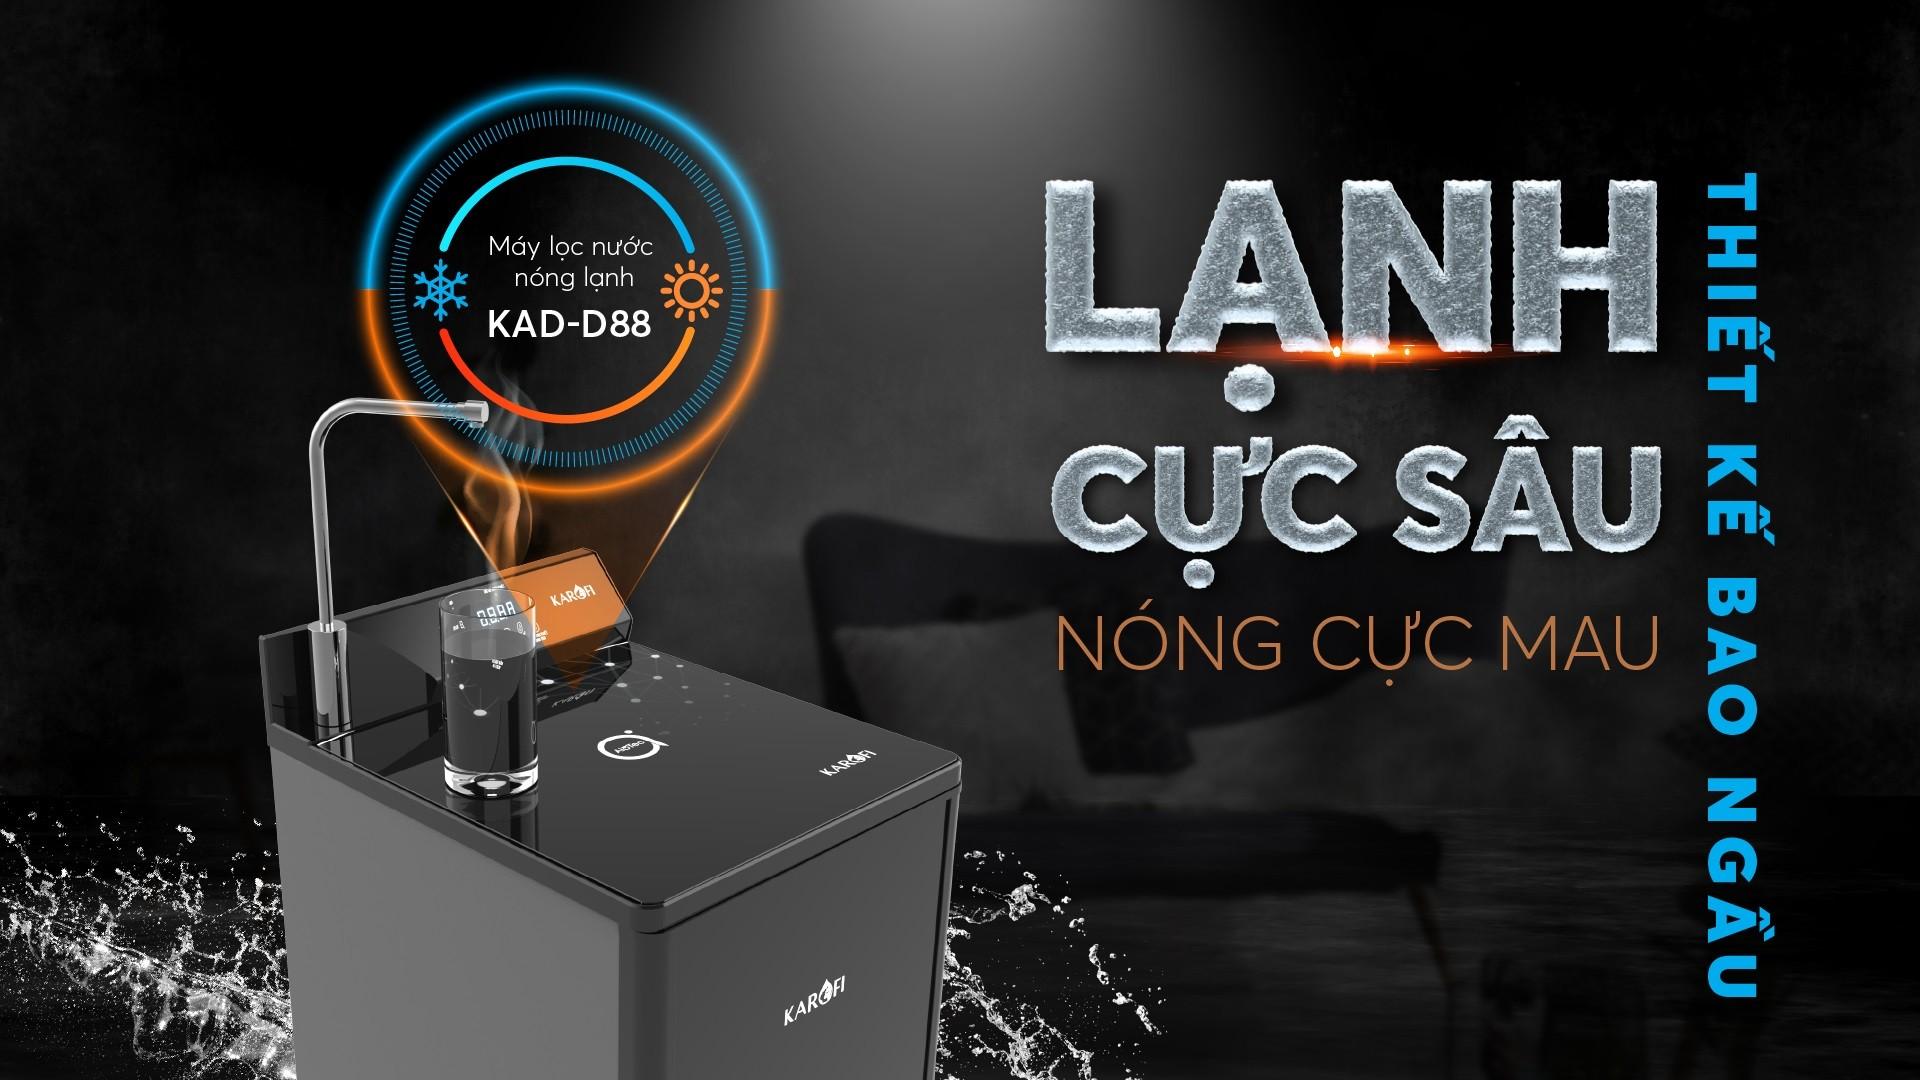 Máy lọc nước nóng lạnh Karofi KAD-D88